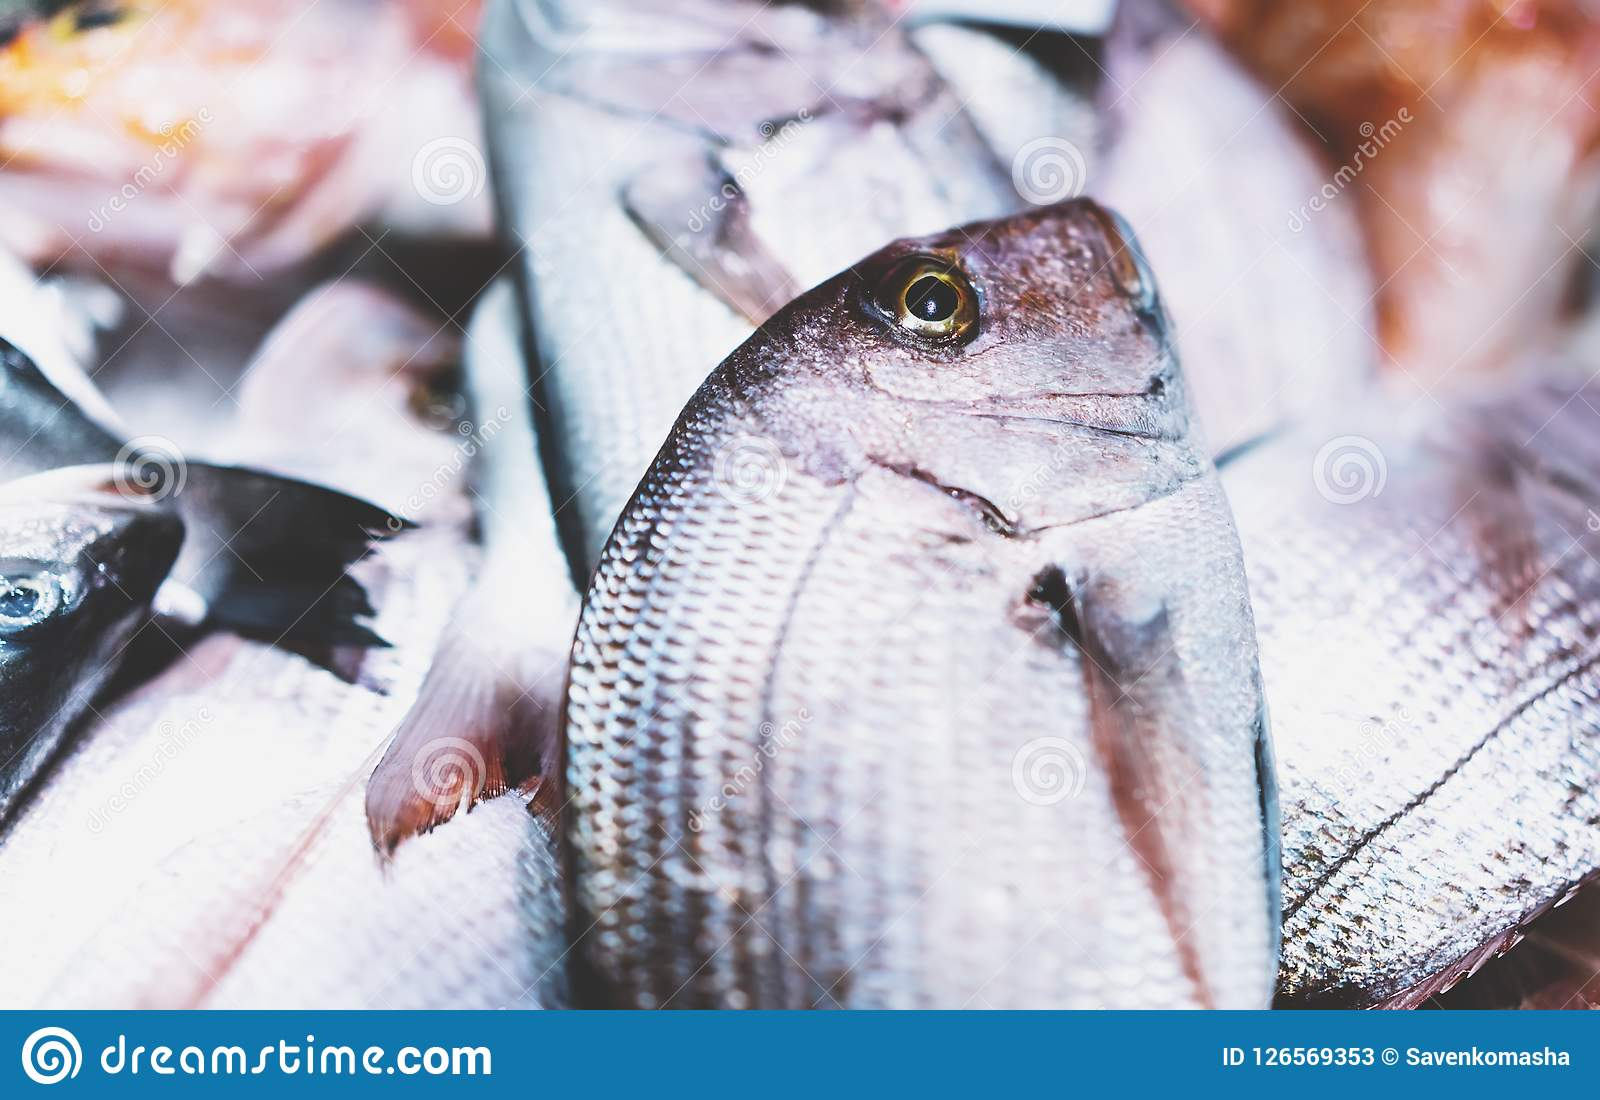 Ptasia dorado ryba na lodowym tle na rynku, closup świezi morscy produkty, pożytecznie żywienioniowy denny jedzenie w restauraci,